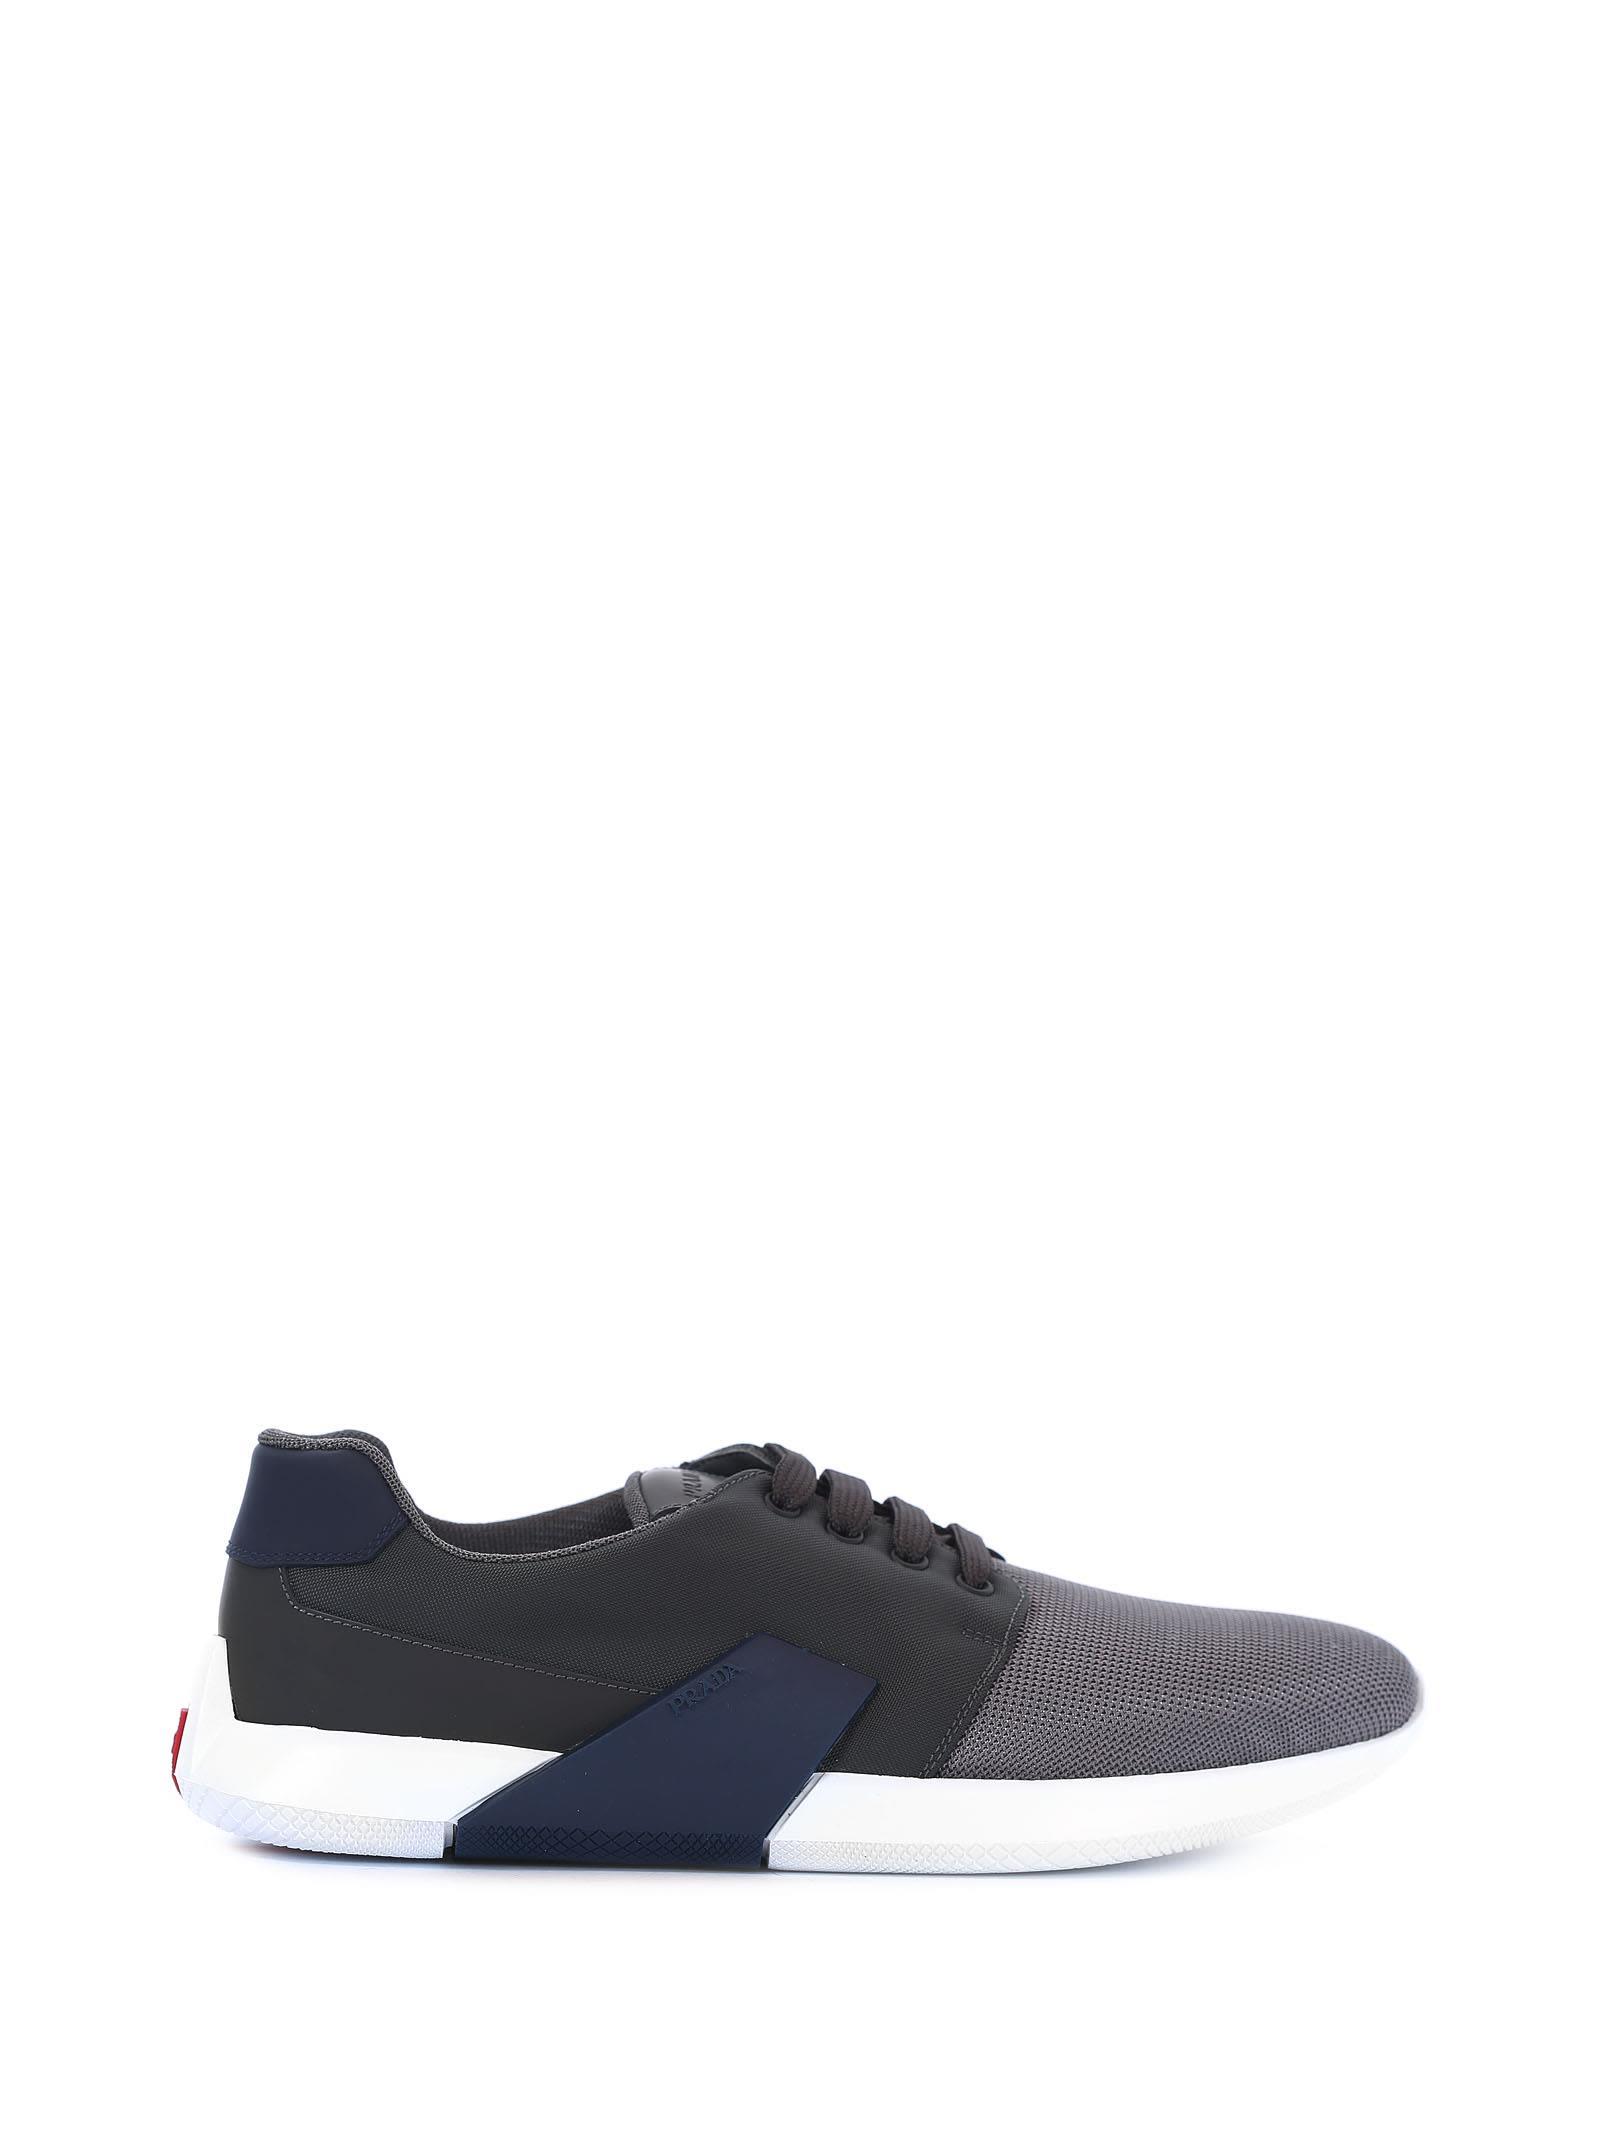 PradaLeather & Canvas Sneakers ZTNLif